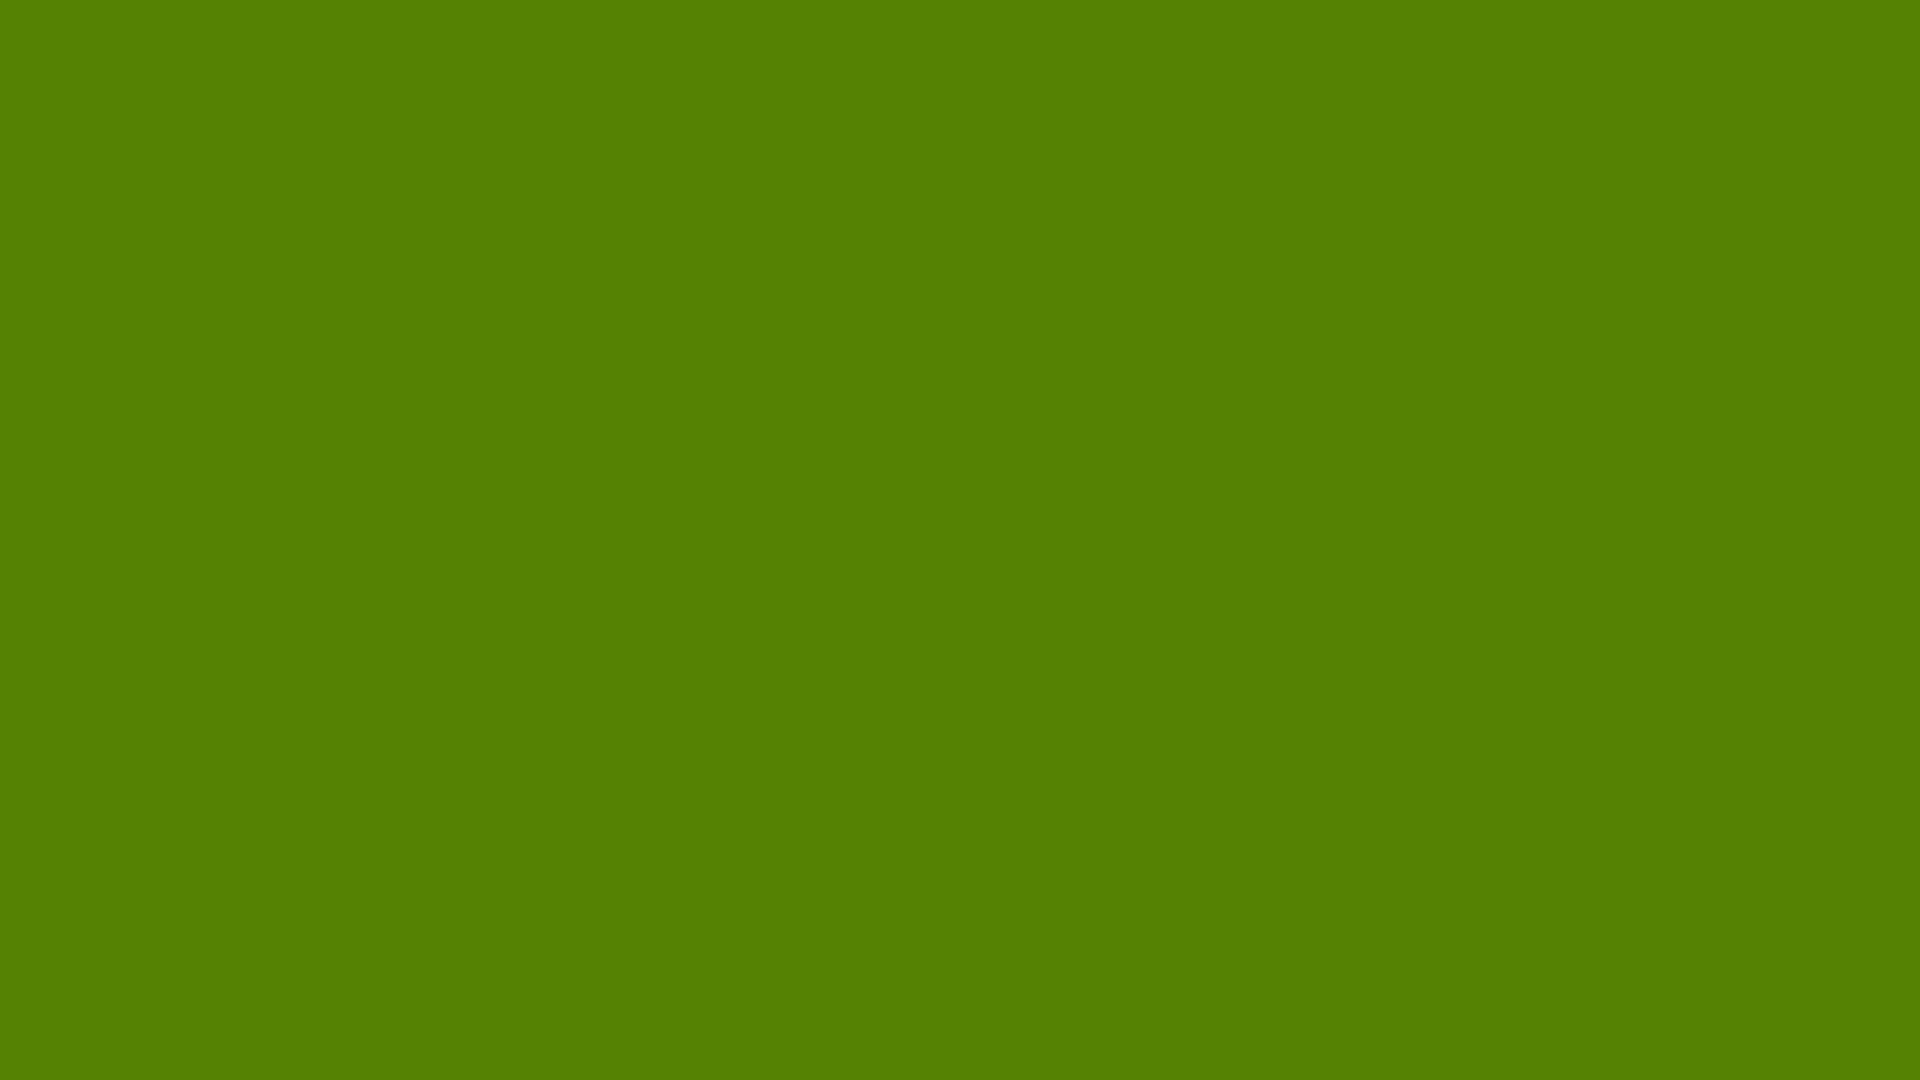 1920x1080 Avocado Solid Color Background